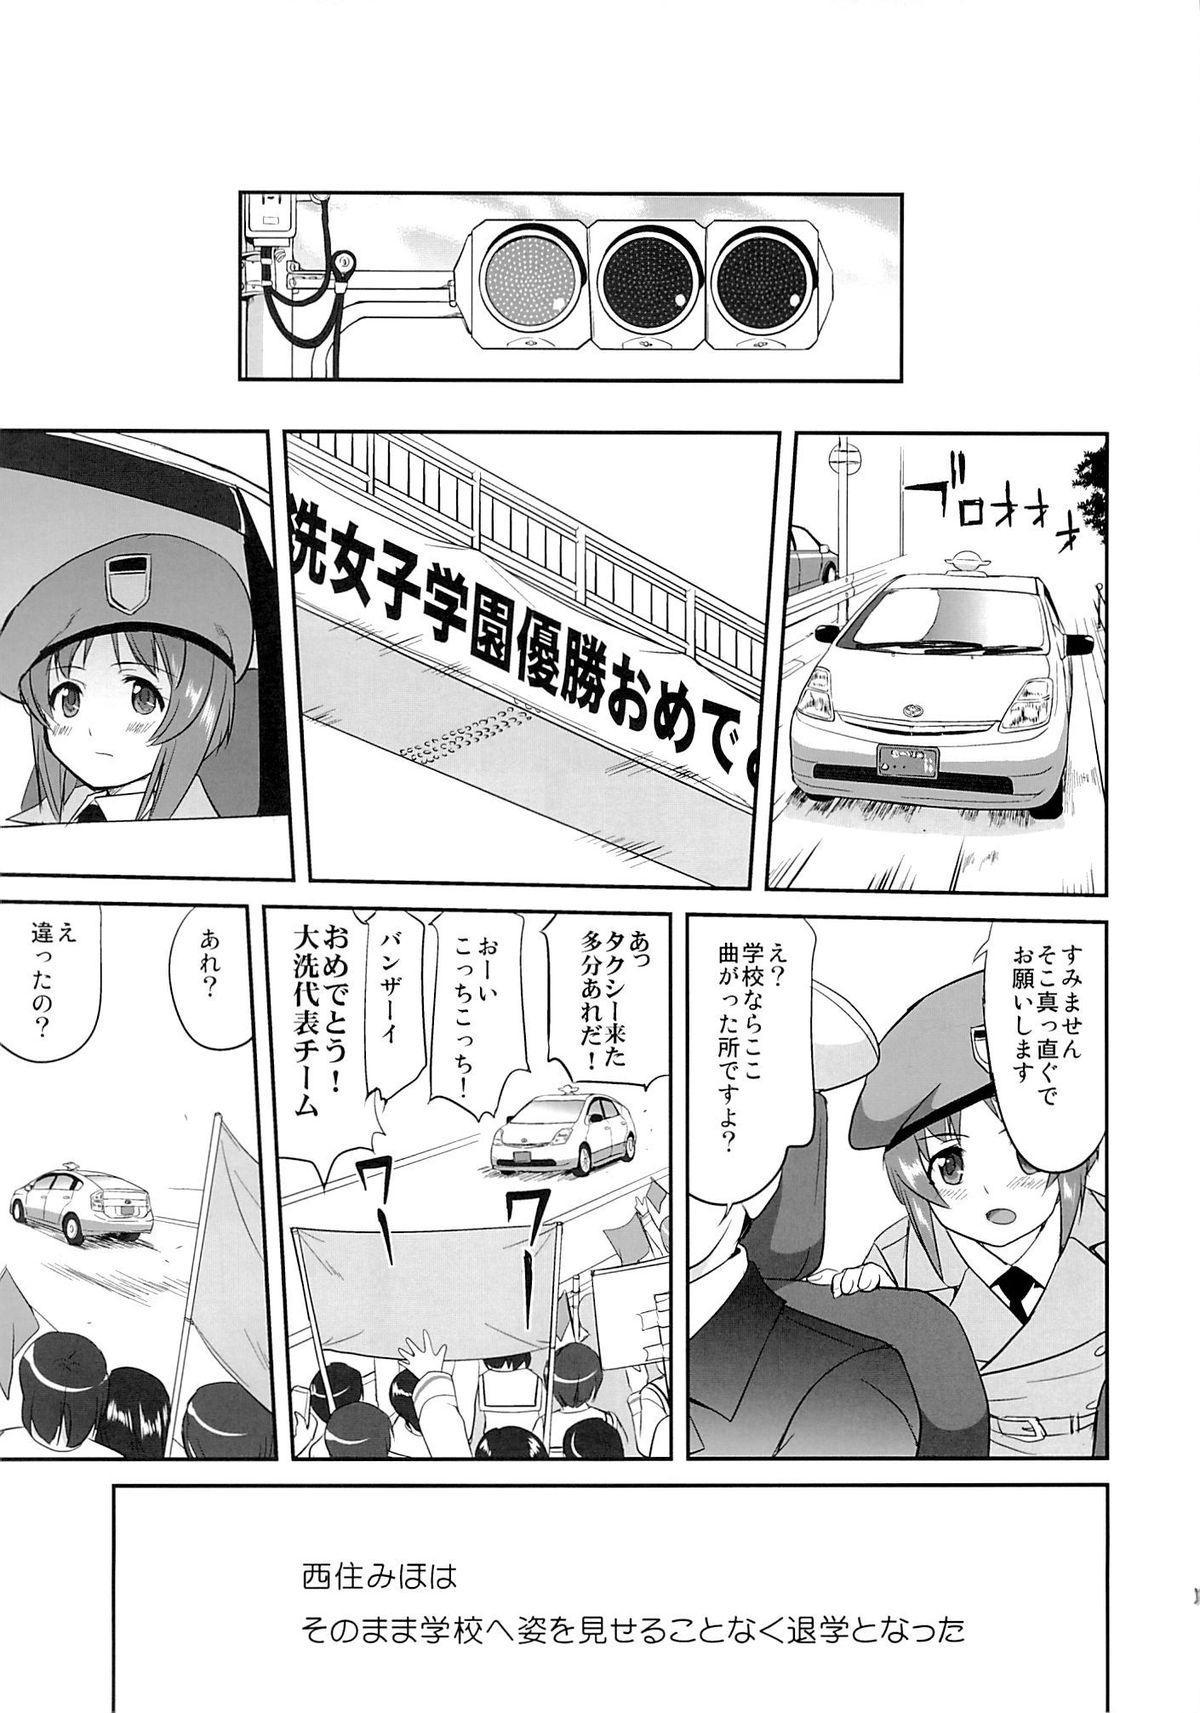 Yukiyukite Senshadou Kuromorimine no Tatakai 69